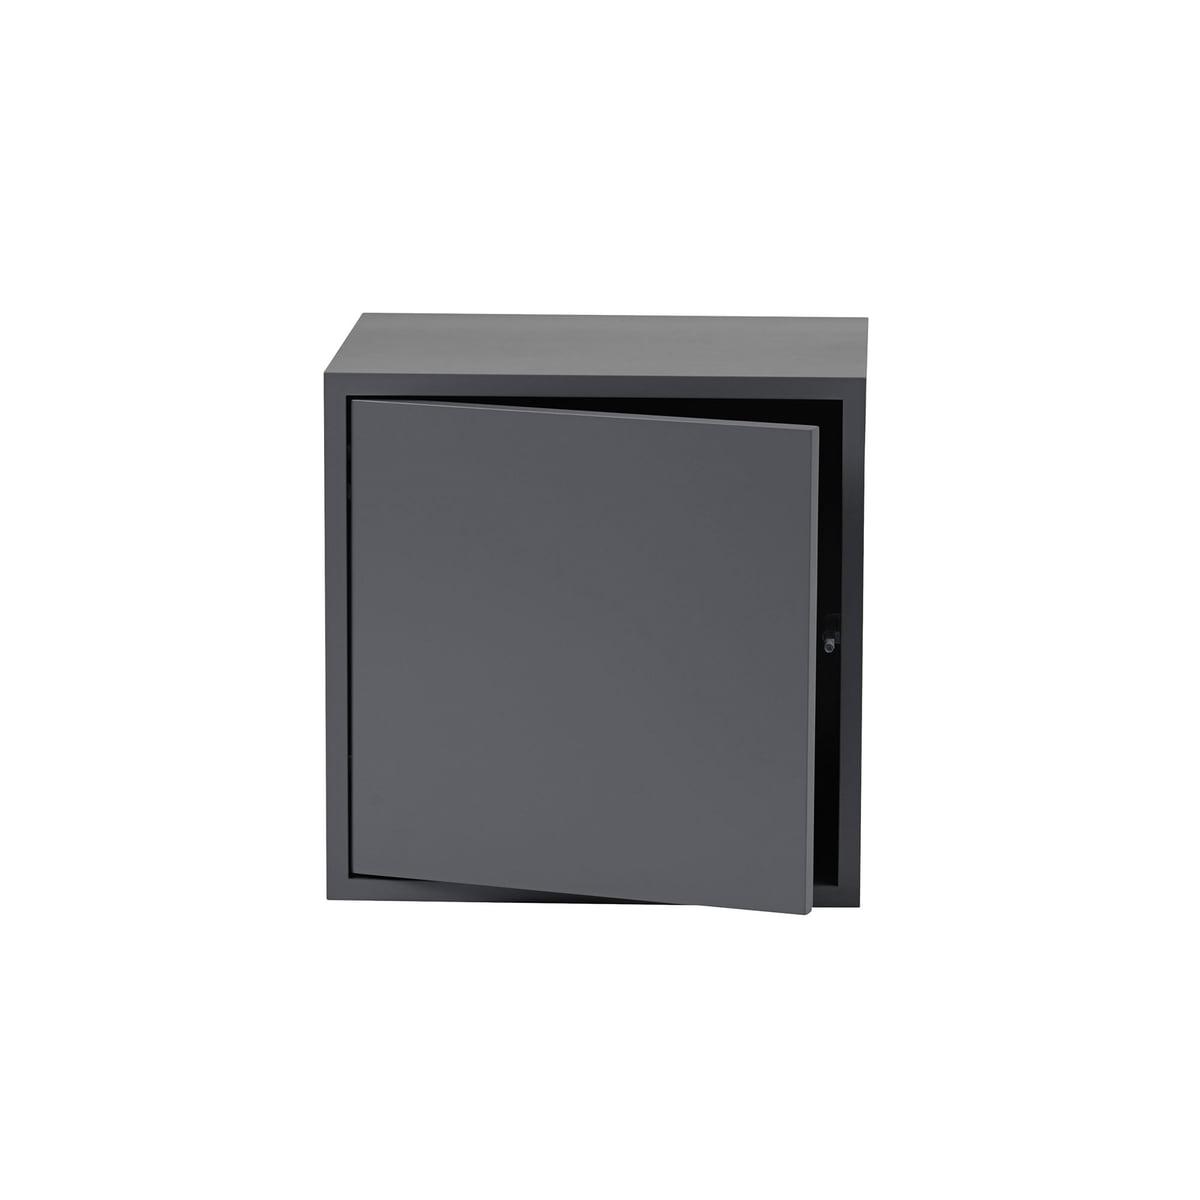 stacked regalmodul mit t r von muuto im shop. Black Bedroom Furniture Sets. Home Design Ideas